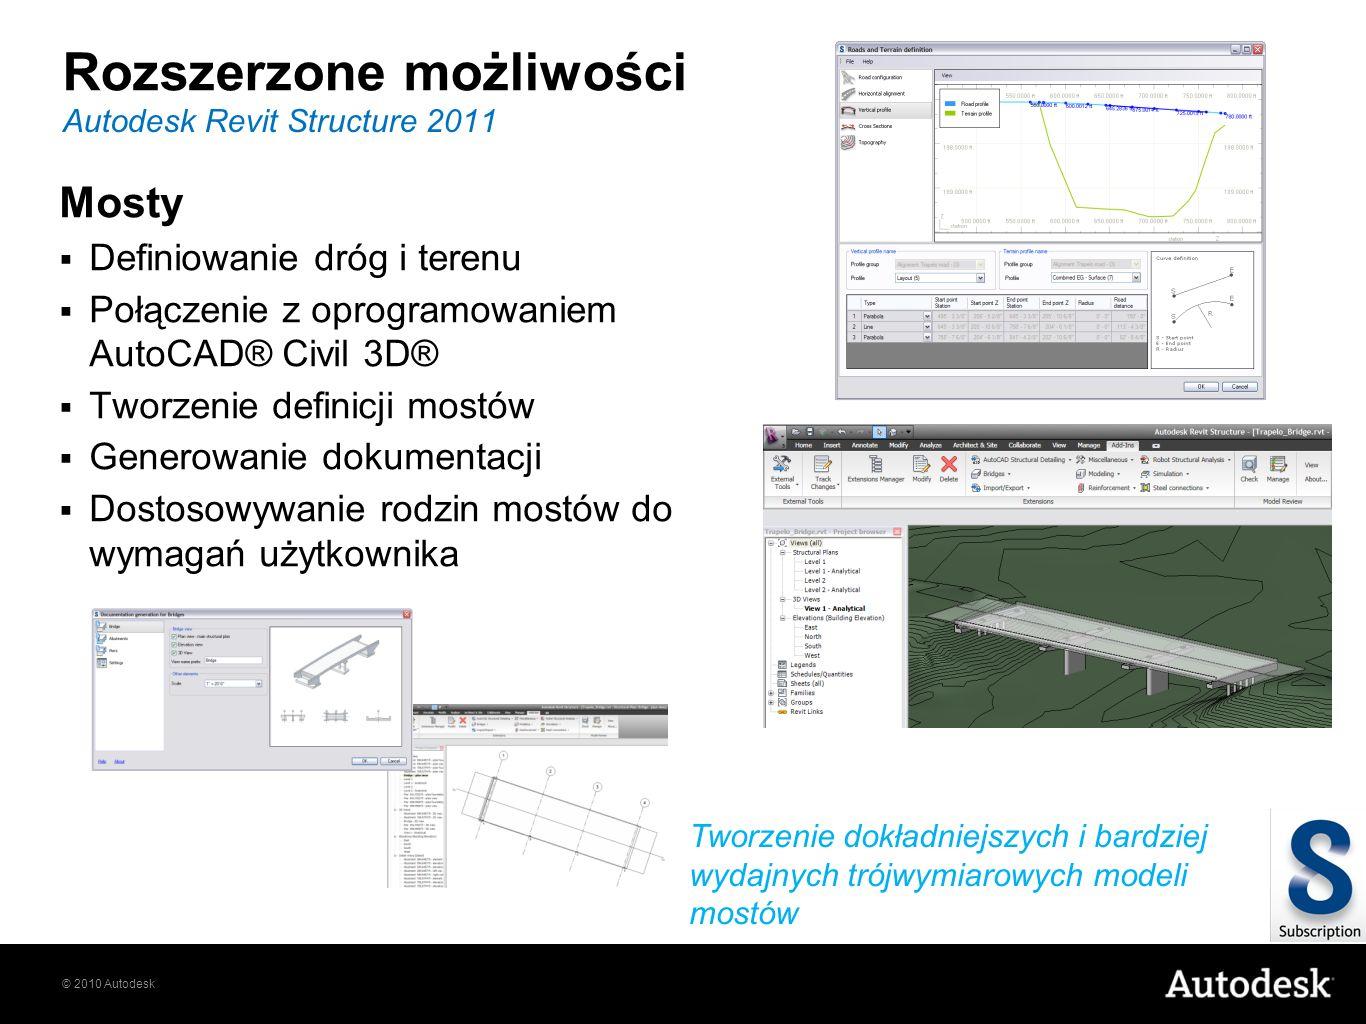 © 2010 Autodesk Rozszerzone możliwości Mosty Definiowanie dróg i terenu Połączenie z oprogramowaniem AutoCAD® Civil 3D® Tworzenie definicji mostów Gen